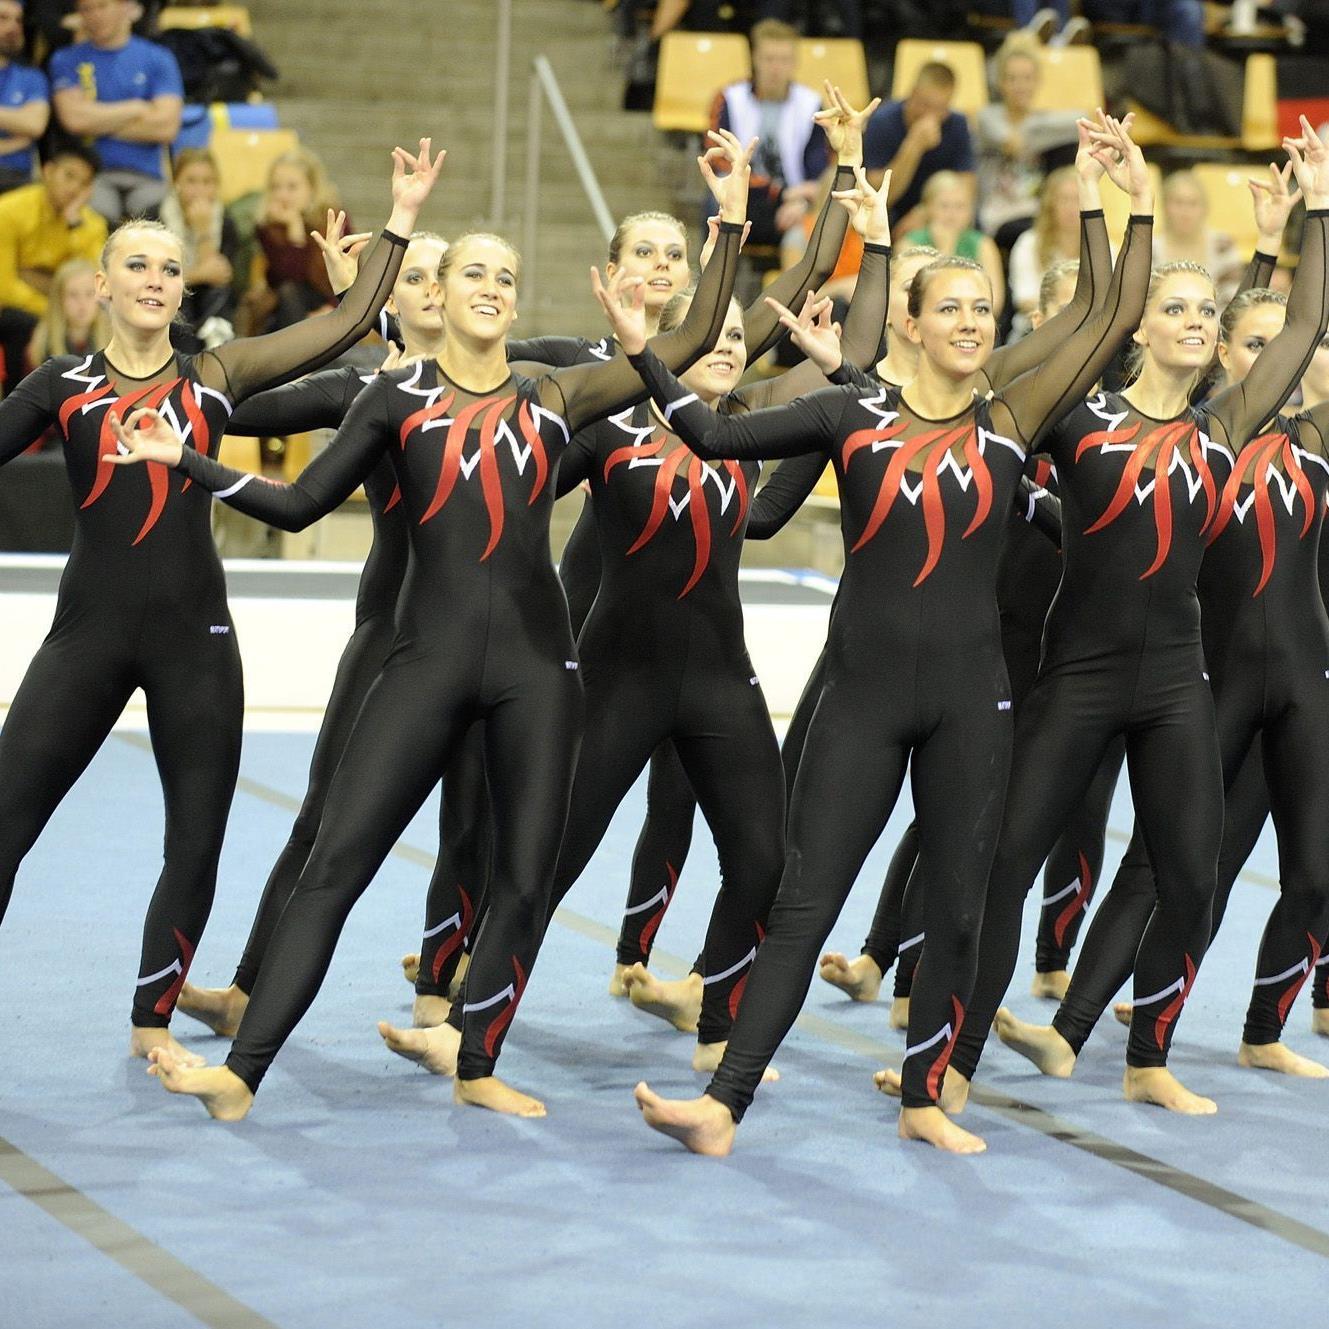 Einen sensationellen achten Platz belegte die TSZ Dornbirn bei der Team Turnen EM in Dänemark.